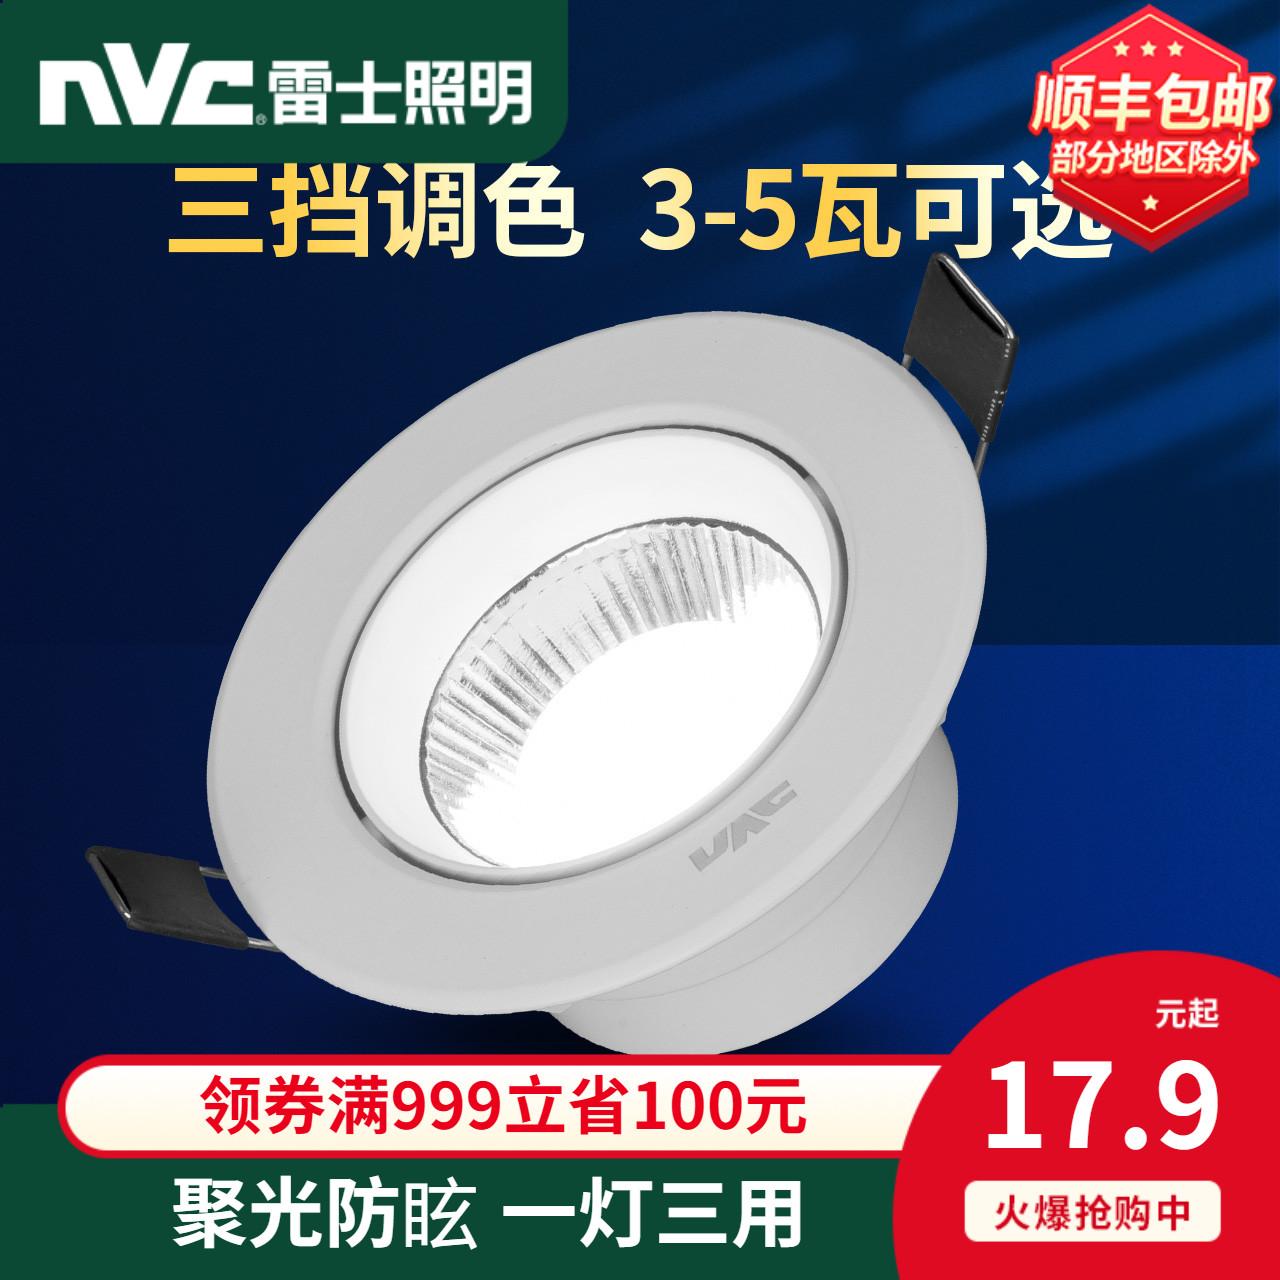 顶孔灯桶灯8公分三色调光射灯